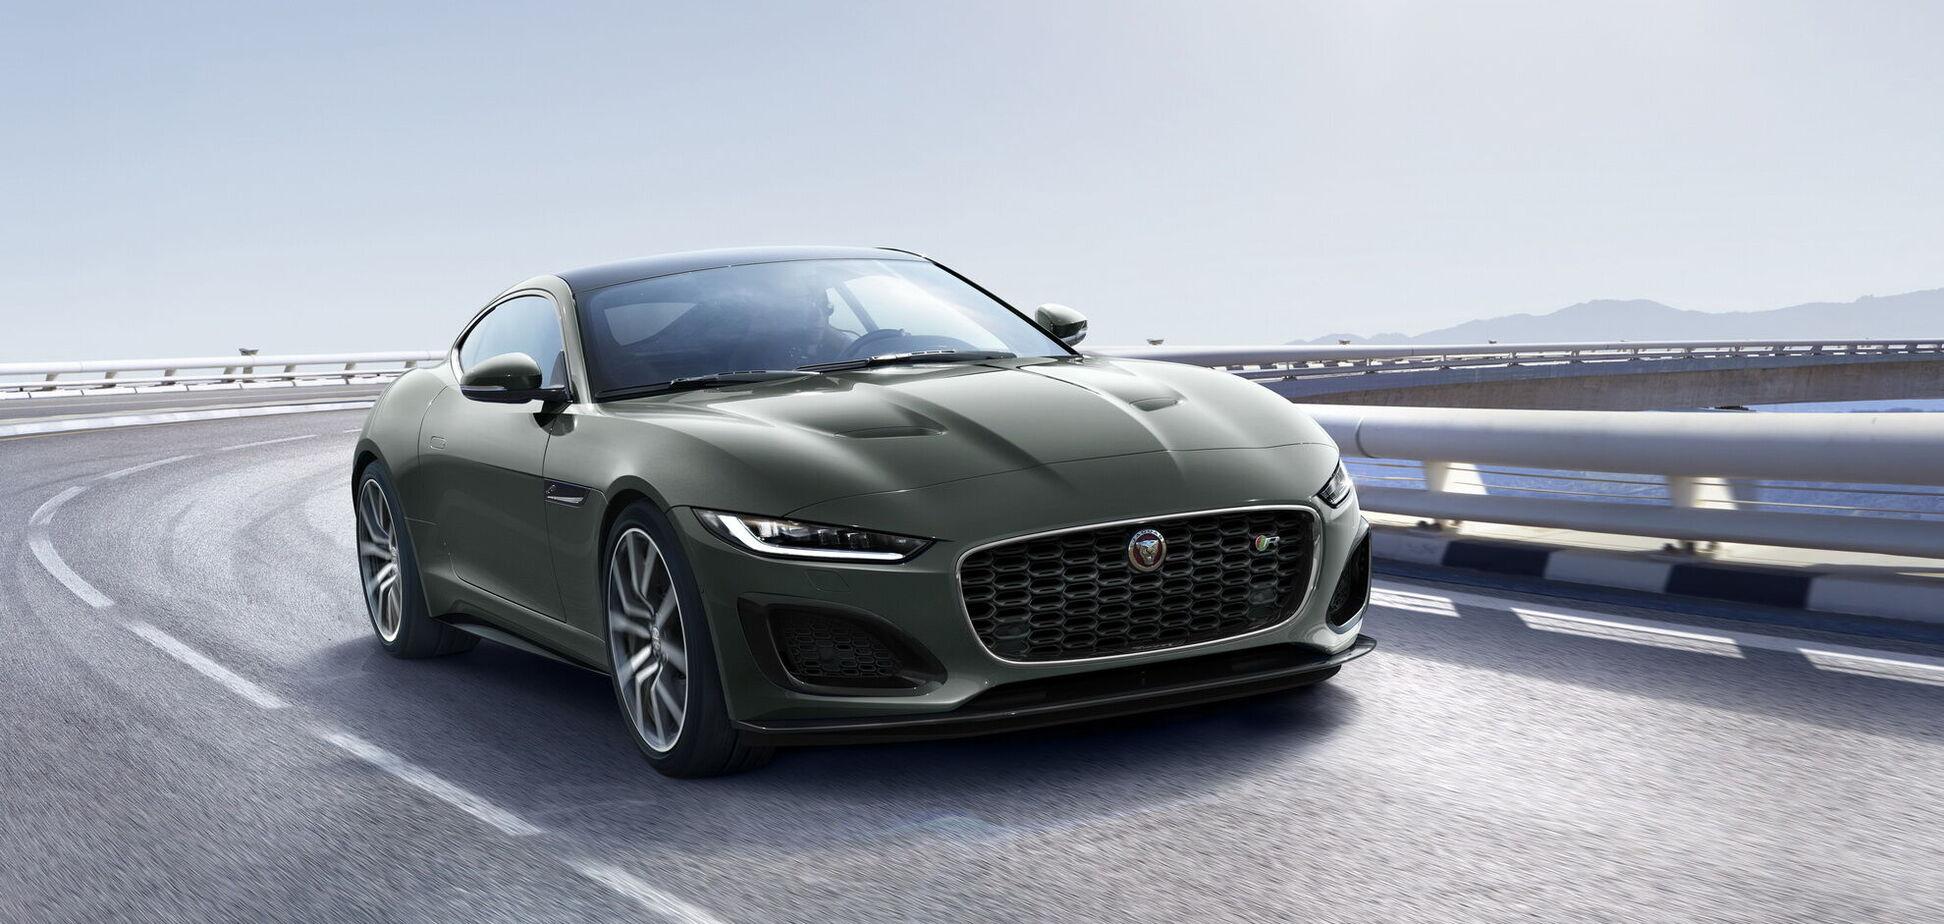 В честь 60-летия E-Type компания Jaguar выпустит 'юбилейный' F-Type